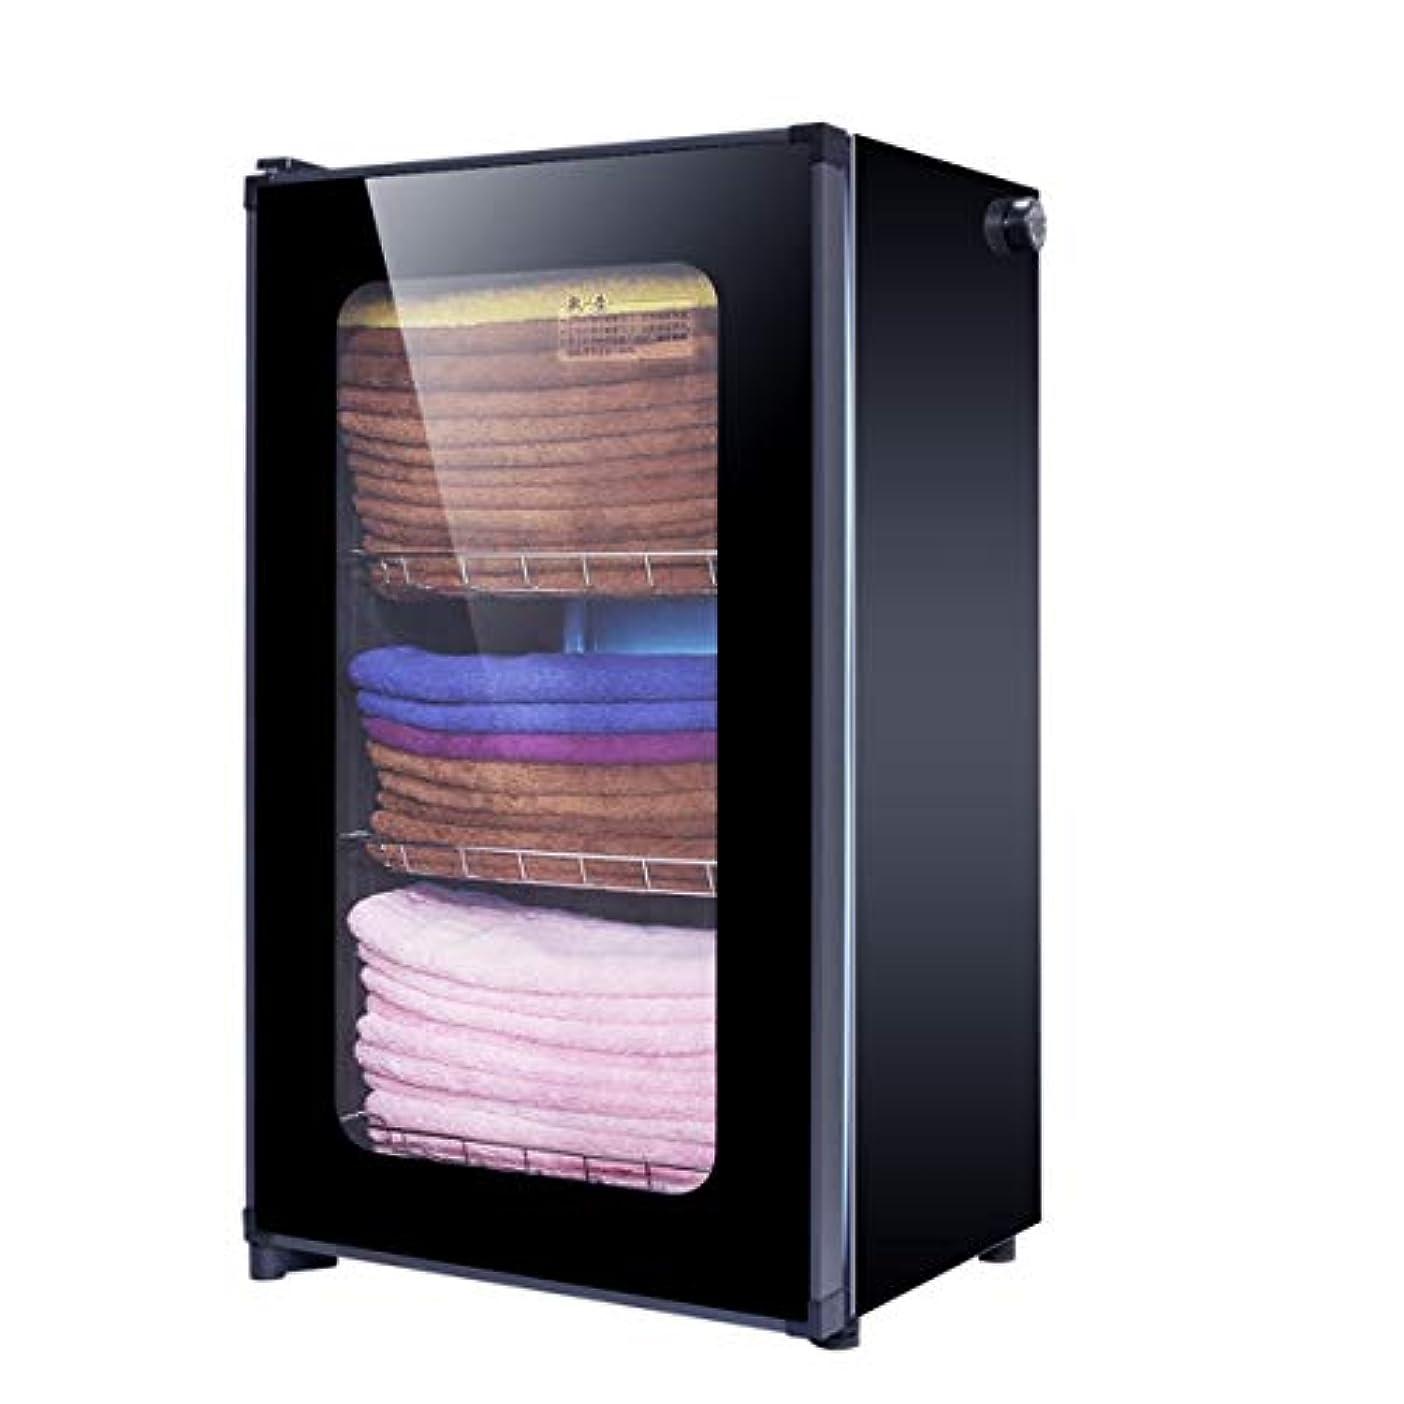 首否認する批判的タオルヒーター/タオルウォーマー80L UV殺菌タオル殺菌ツールスパサロンマニキュア美容